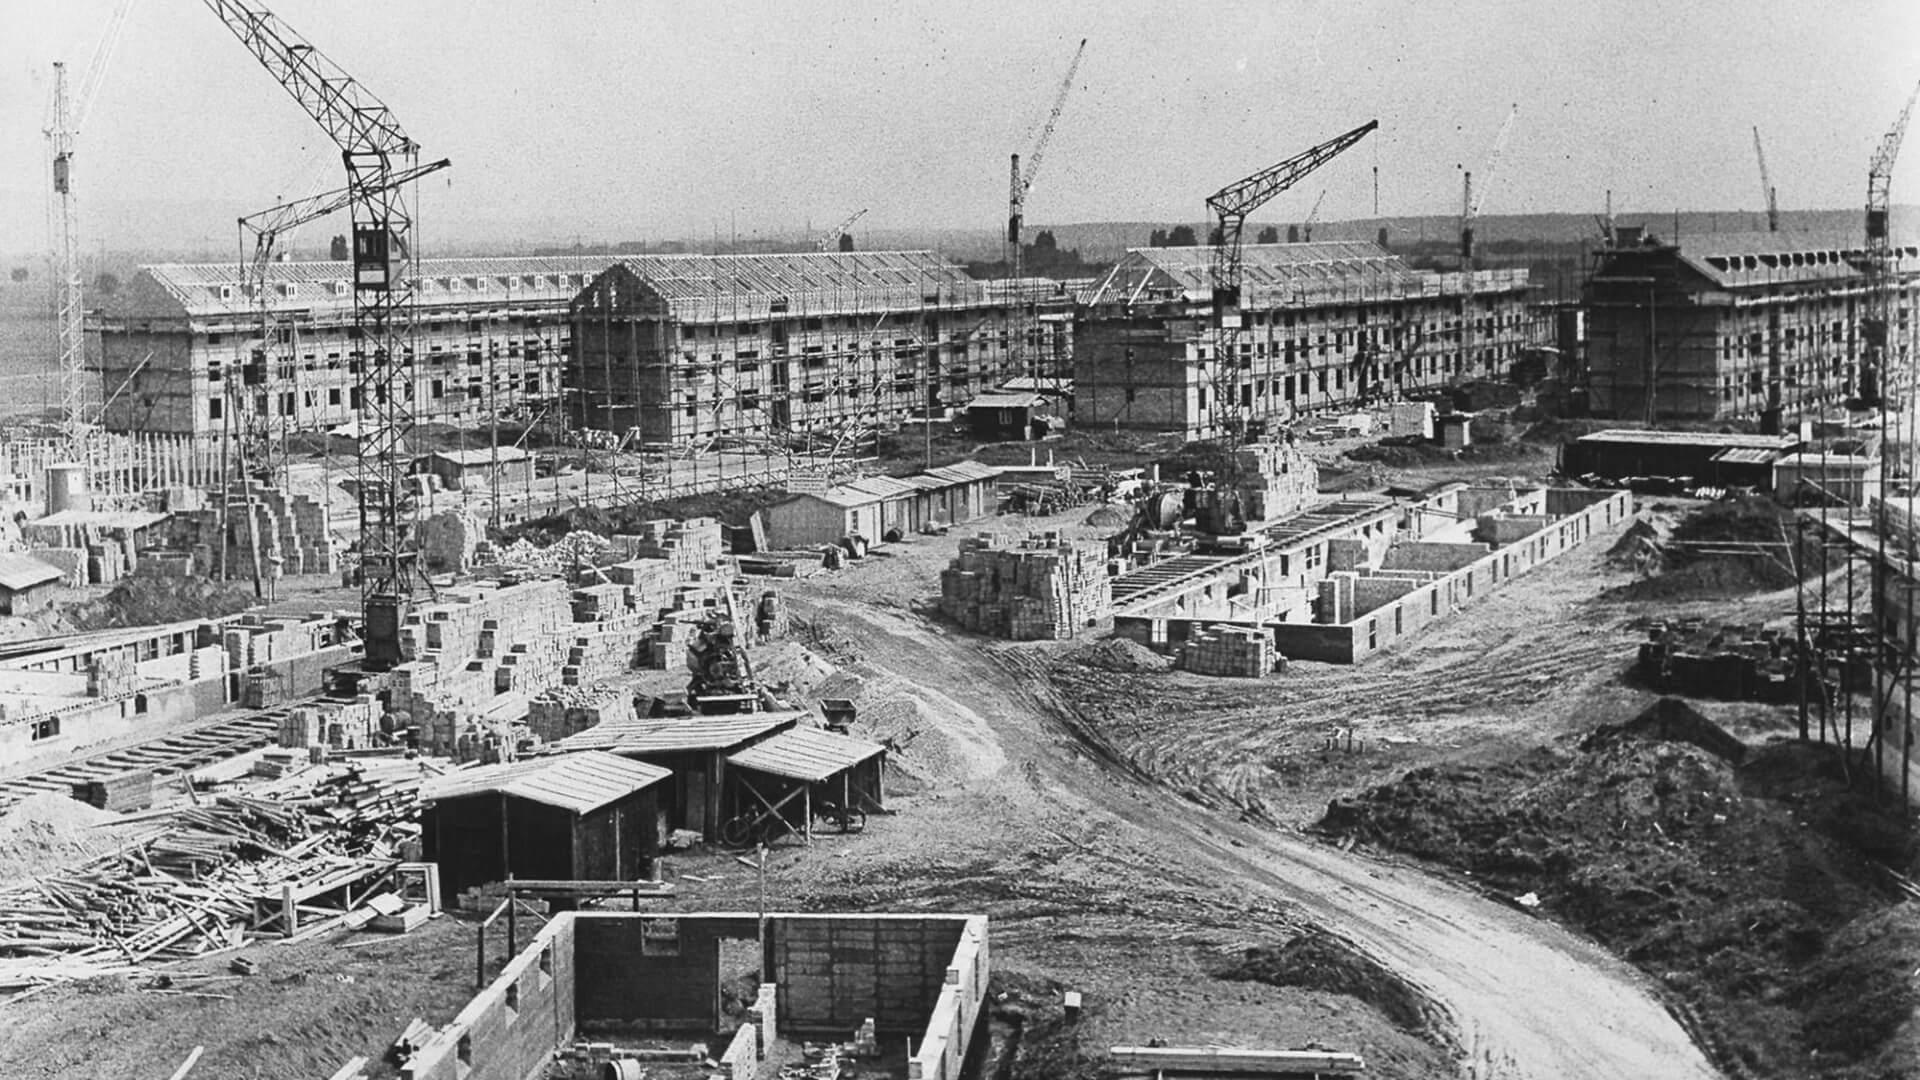 Von 1953 bis 1958 entsteht Patrick-Henry-Village als Wohnsiedlung für die US-Militärs; hier: Bau der Zeilenbauten mit Mietwohnungen. © Stadtarchiv Heidelberg